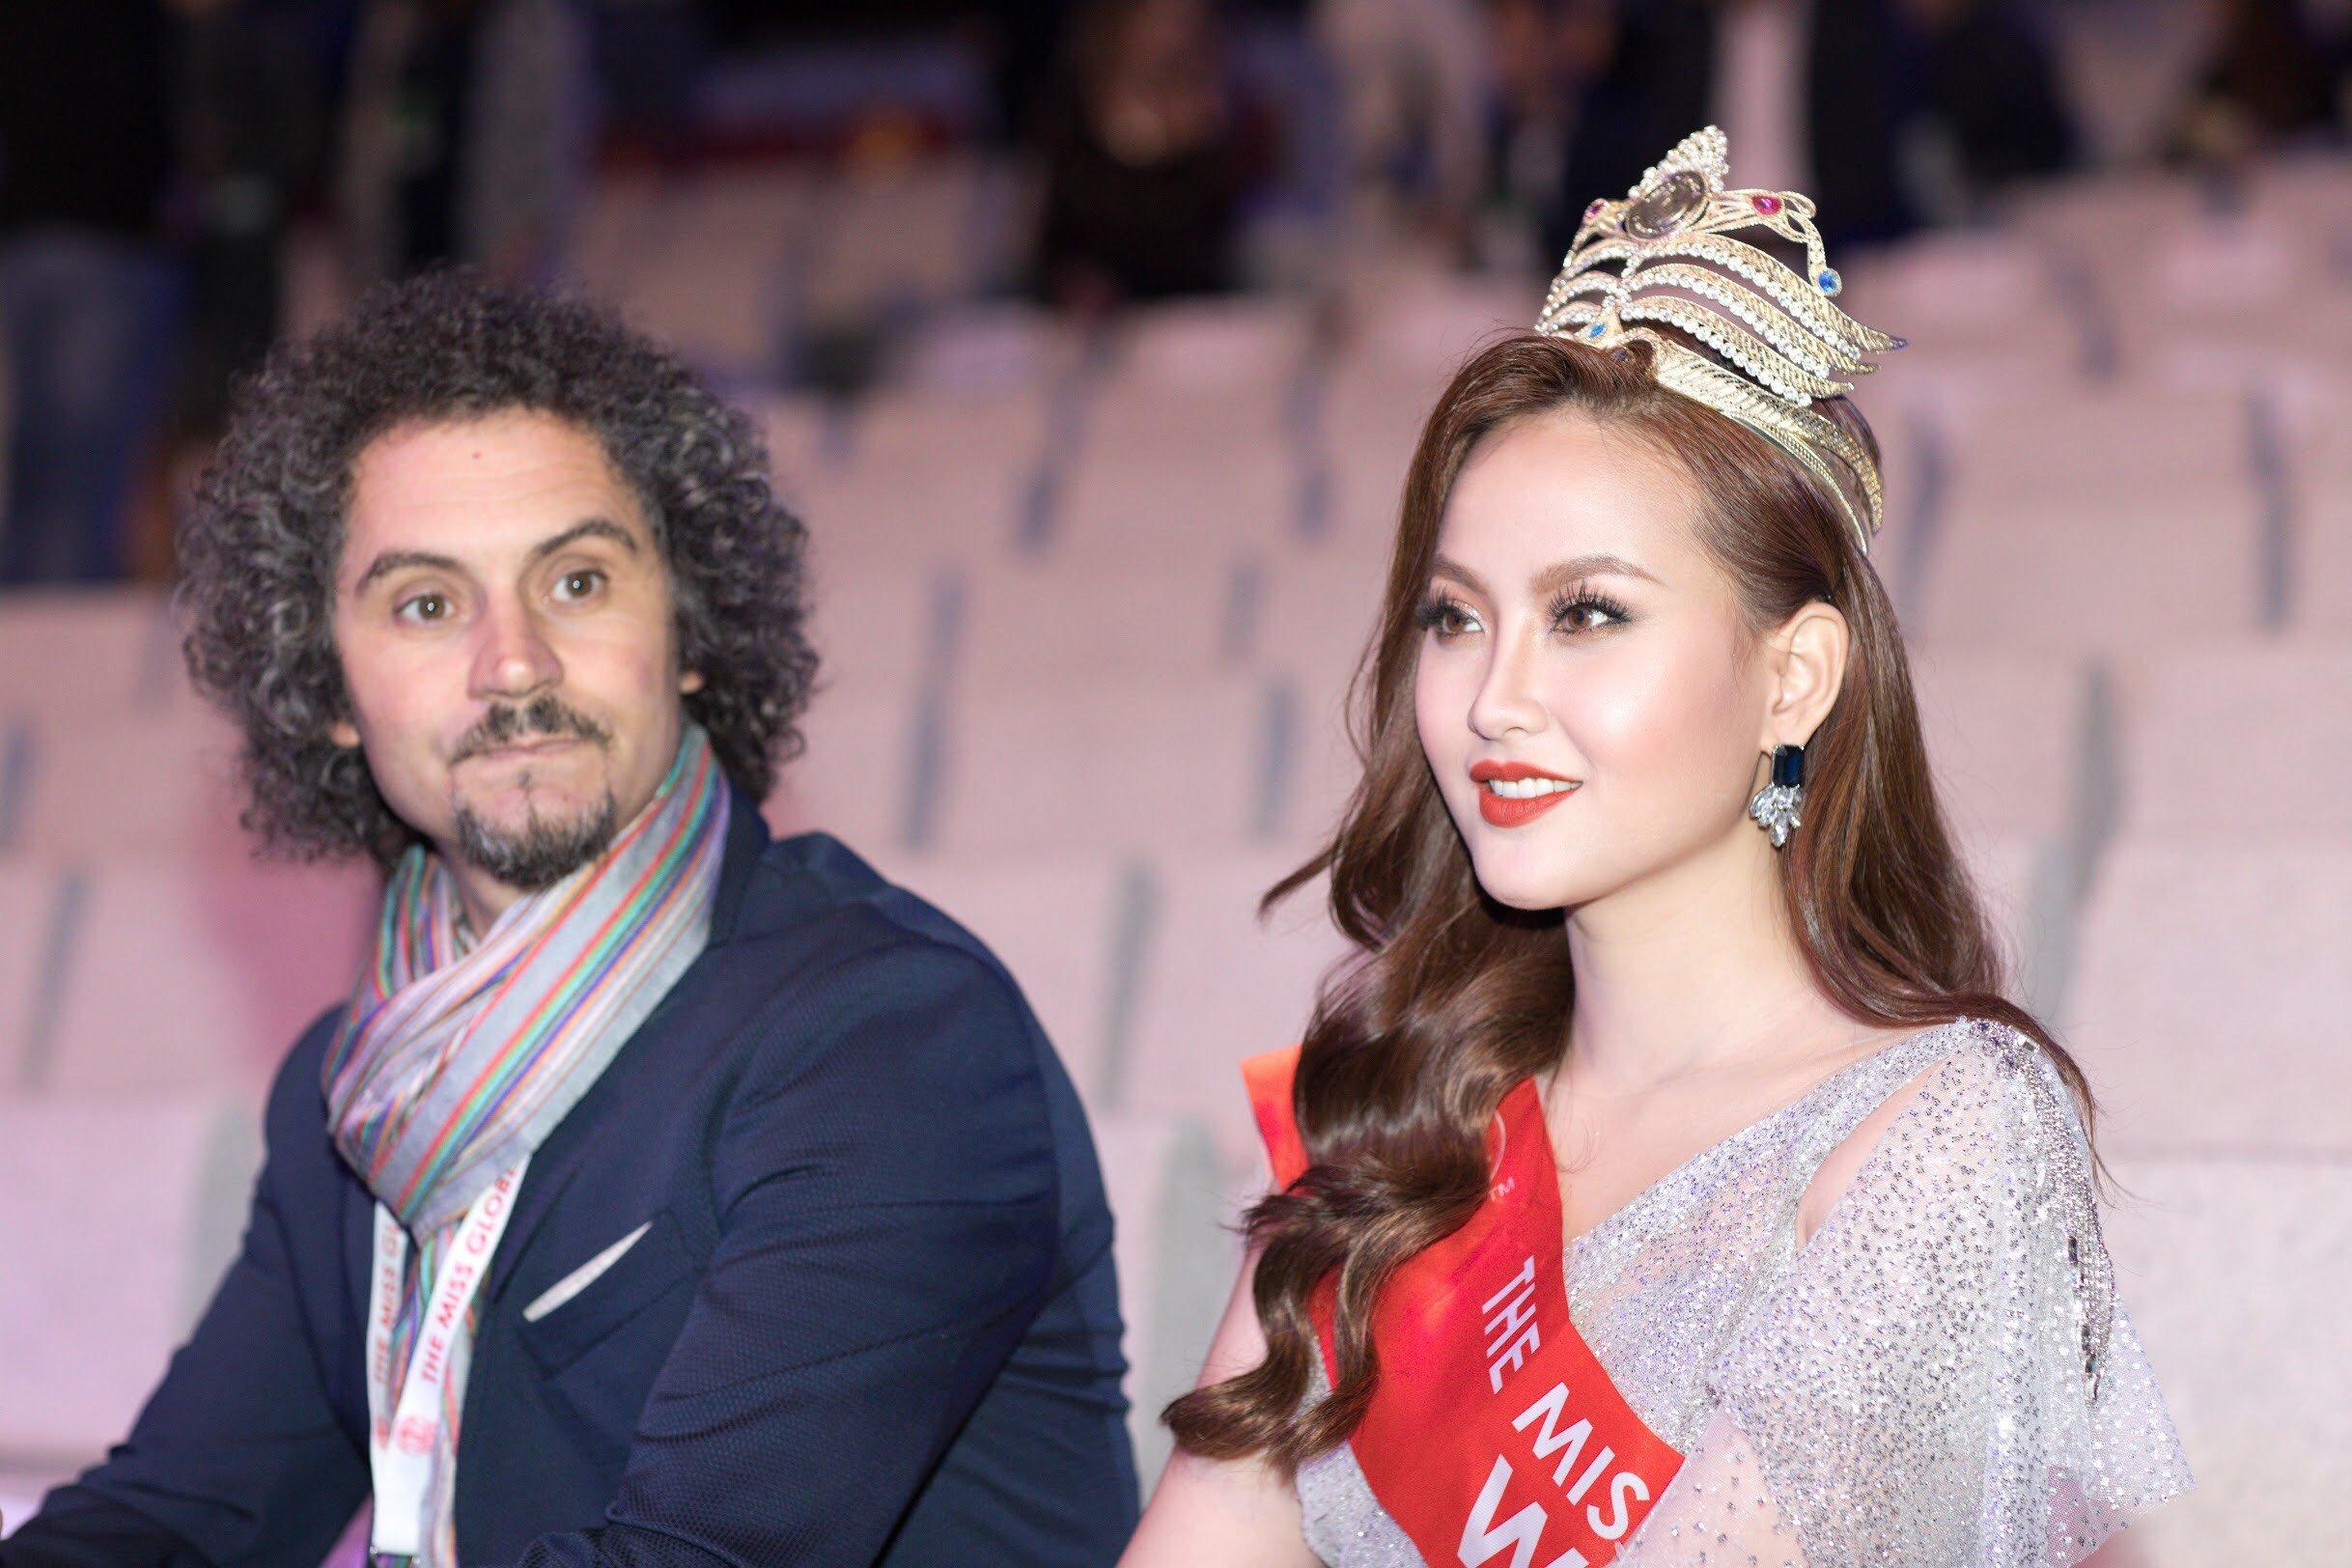 Hoa hậu Khánh Ngân thất vọng khi không được trao vương miện cho tân Miss Globe 2018 1